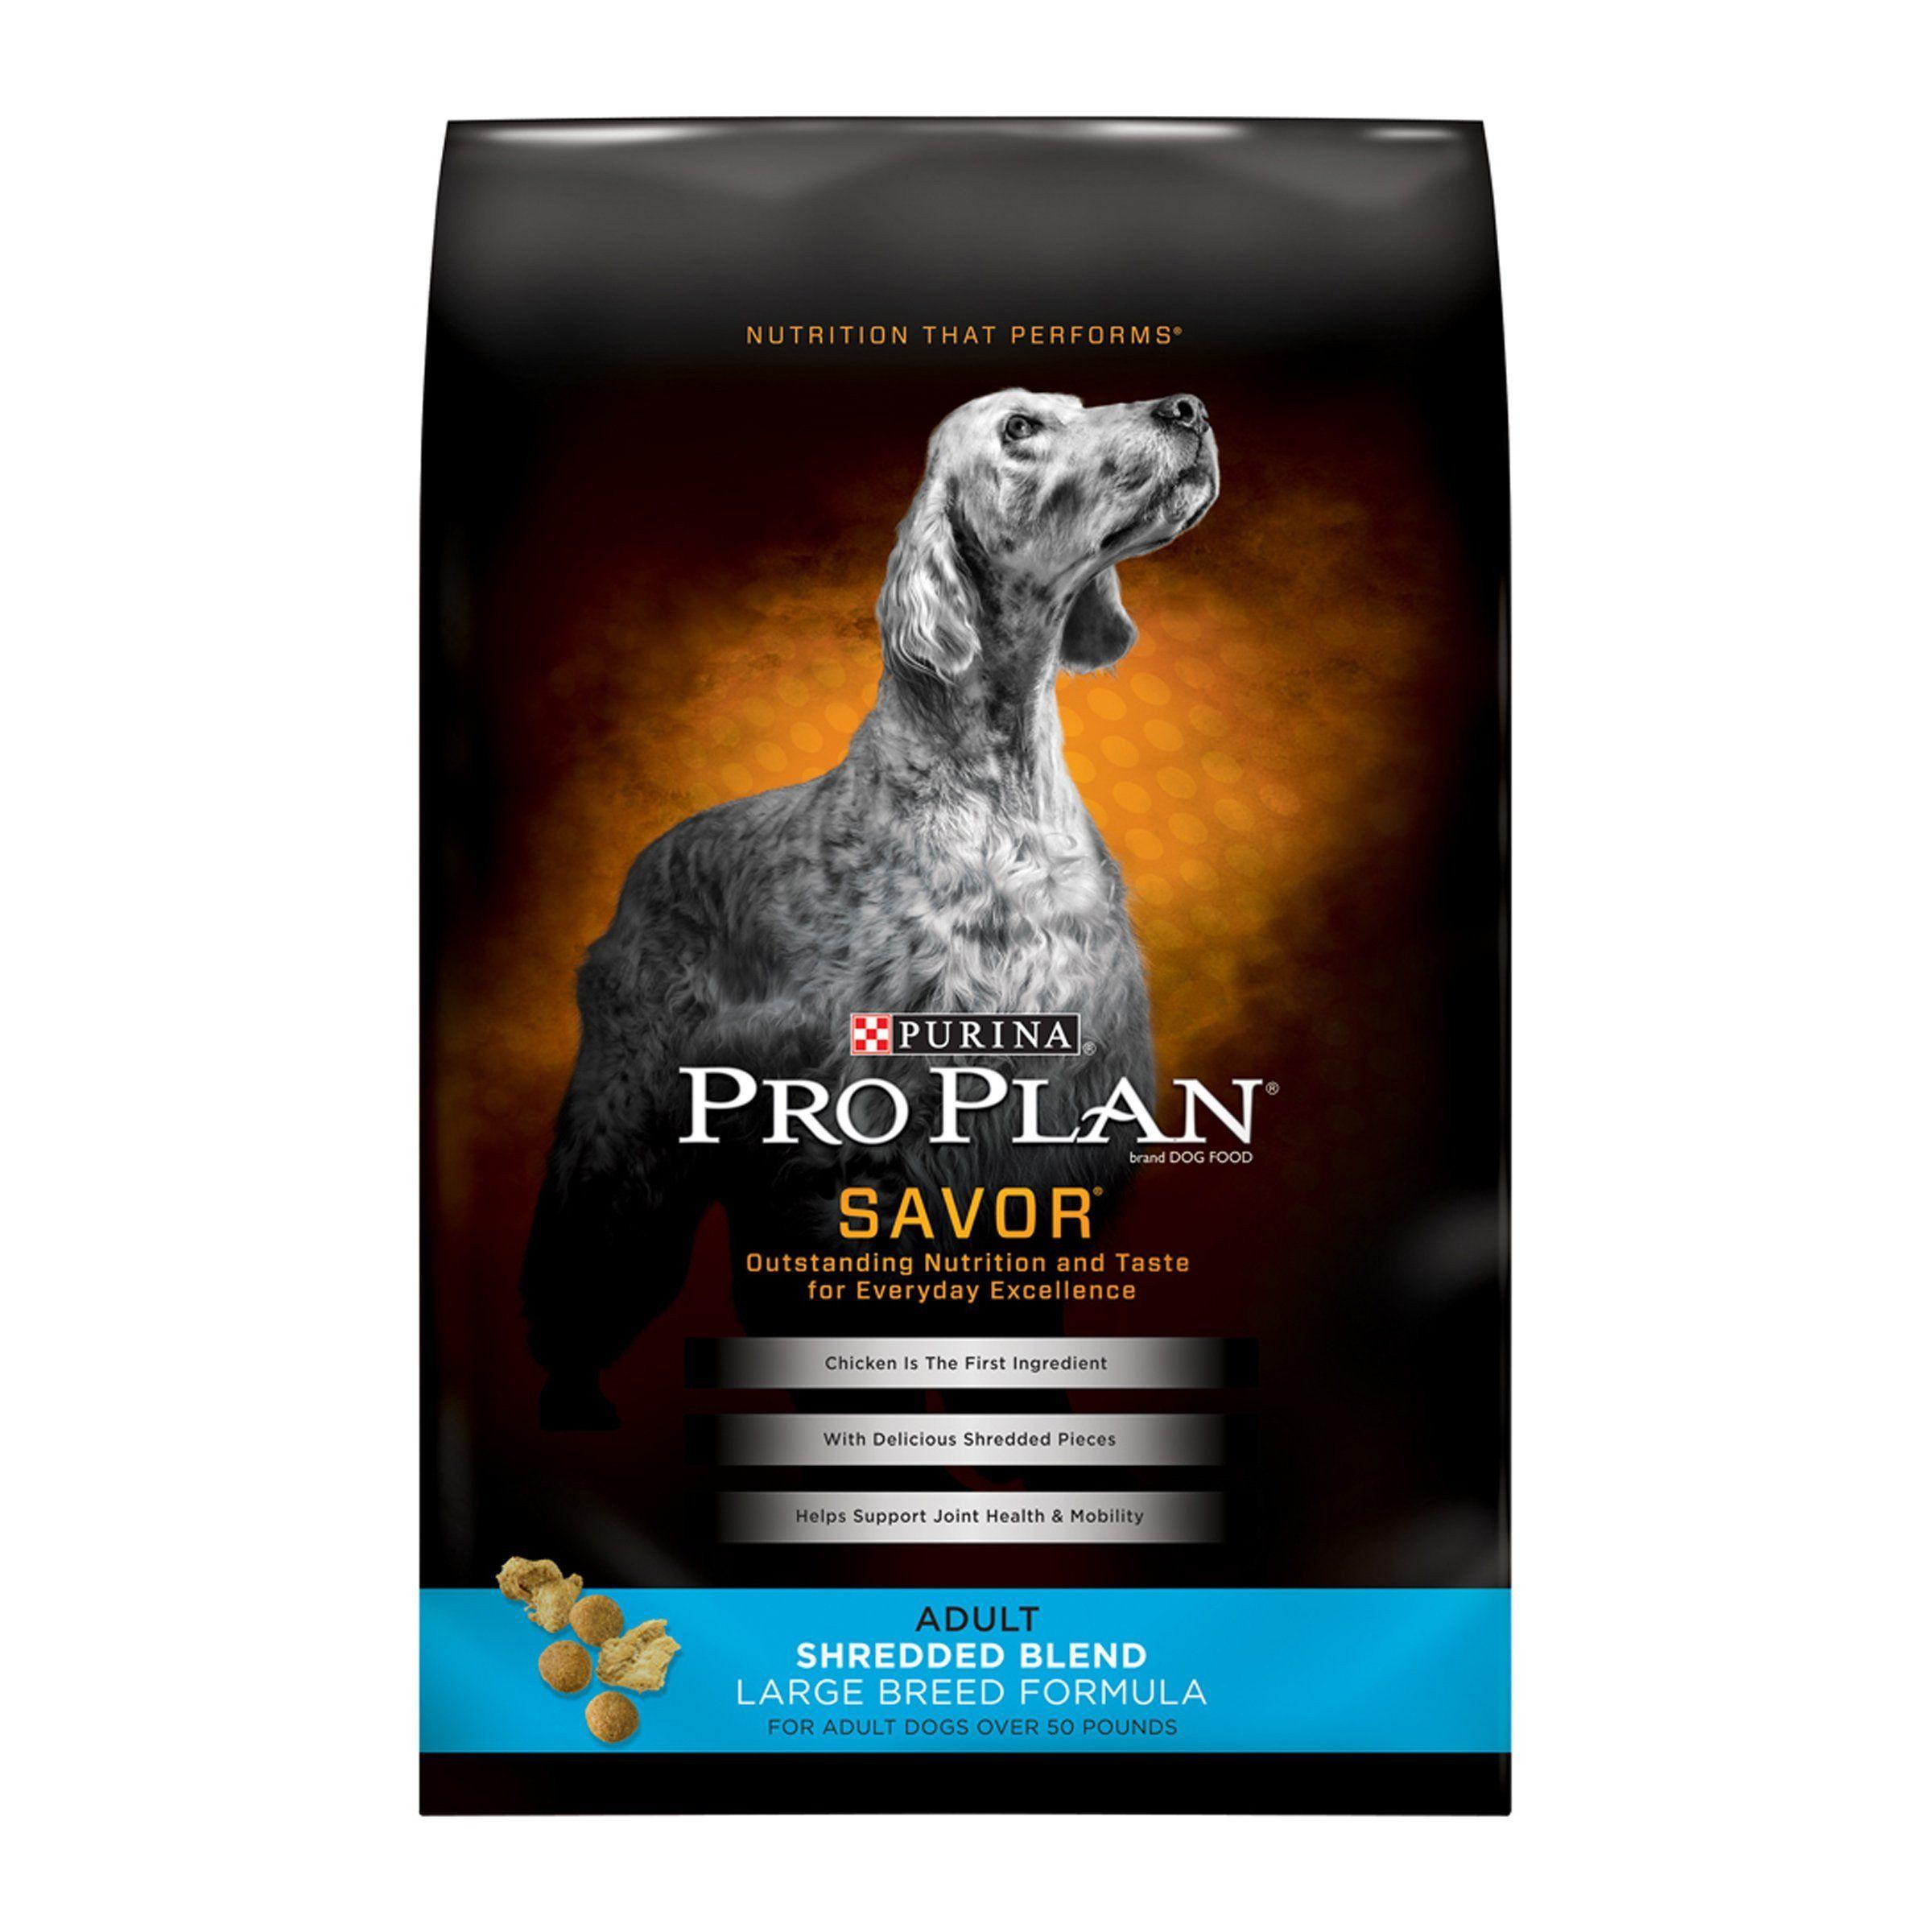 Purina Pro Plan Savor Shredded Blend Large Breed Formula Dry Dog Food Standard Packaging 34 lb. Bag